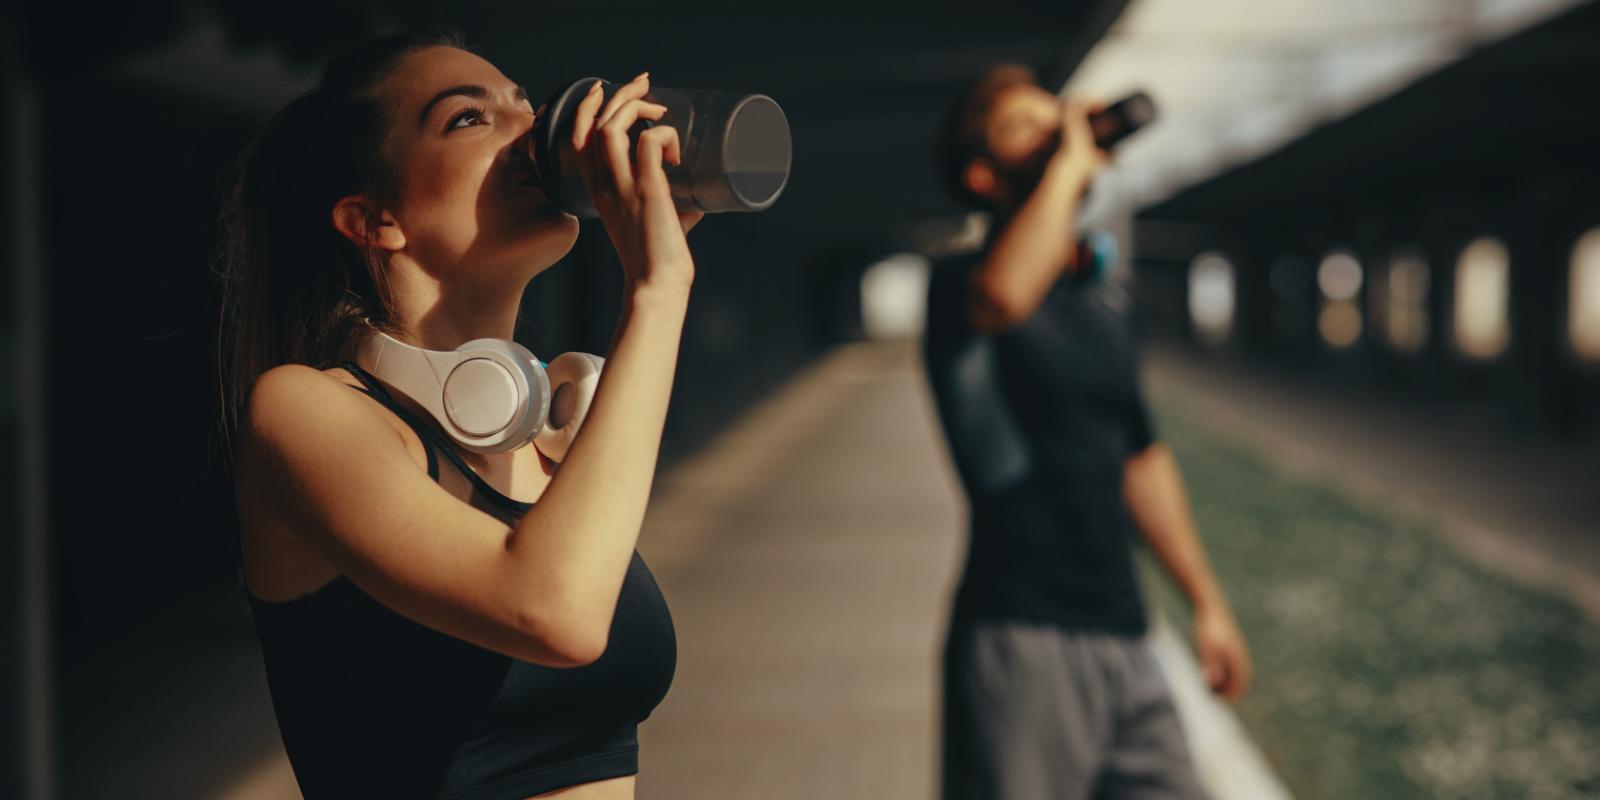 画像;タンクトップにヘッドホンを首にかけた女性、外でトレーニングの後、シェイカーに入ったプロテインを飲んでいる様子。